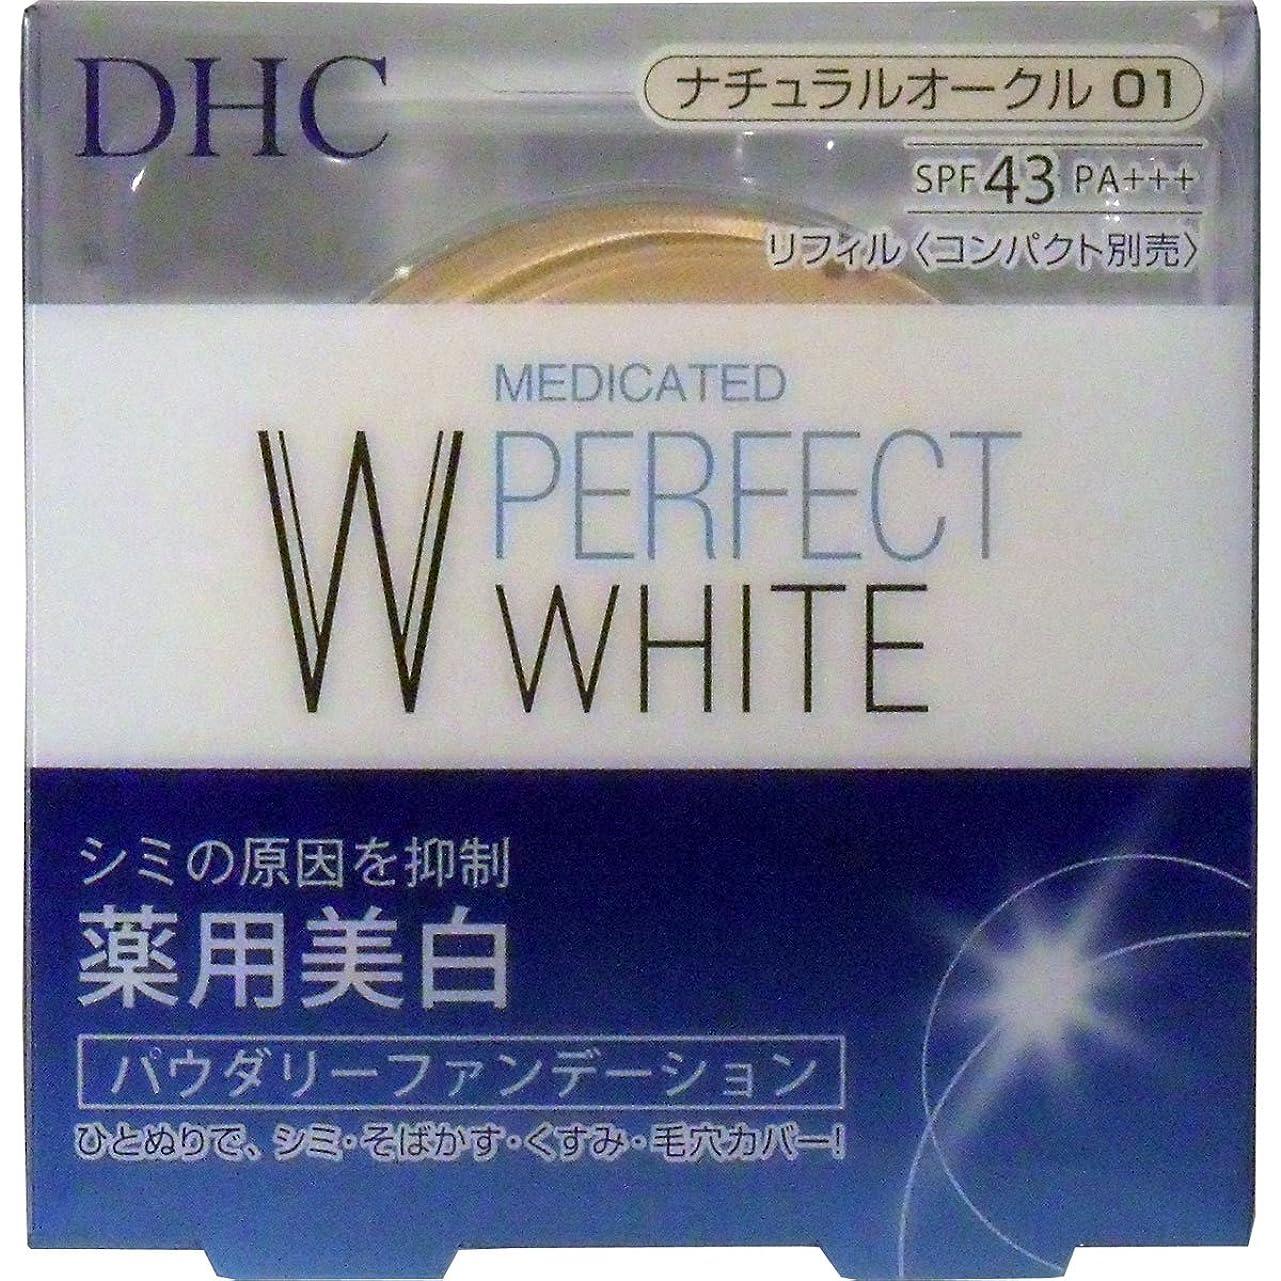 アコード評論家移行するダブルの美白効果で、高まる透明感!DHC 薬用美白パーフェクトホワイト パウダリーファンデーション ナチュラルオークル01 10g【4個セット】